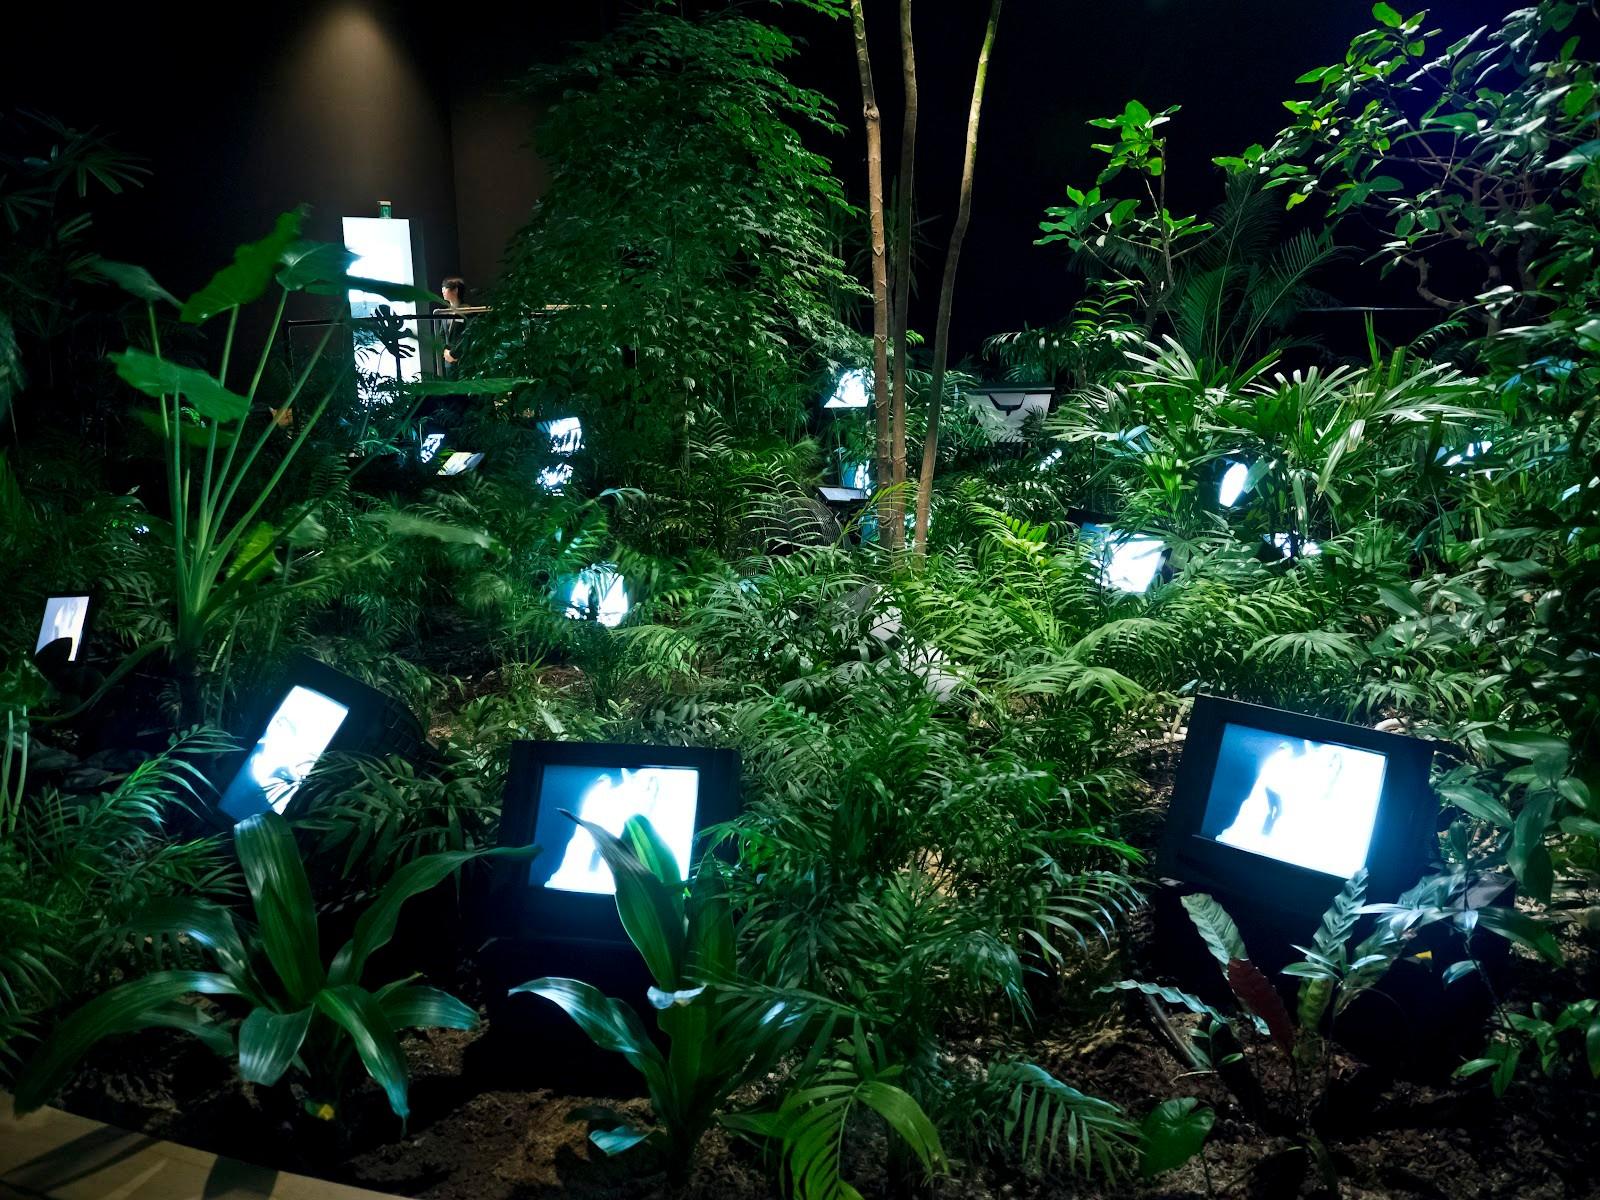 TV Garden, Nam June Paik